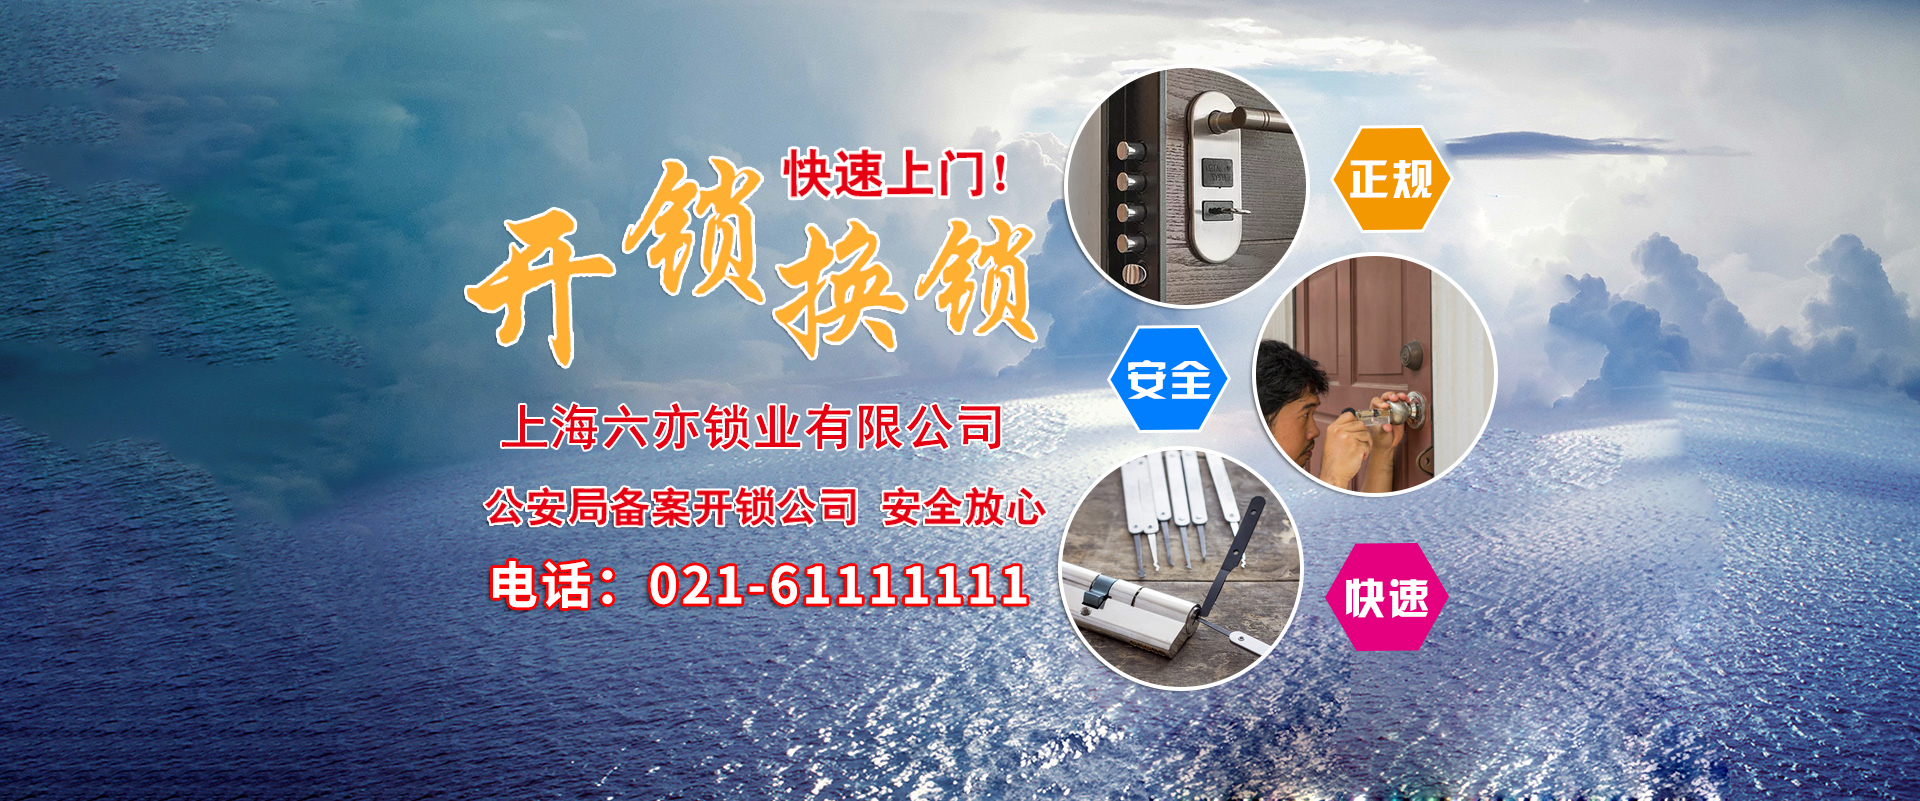 松江区开锁